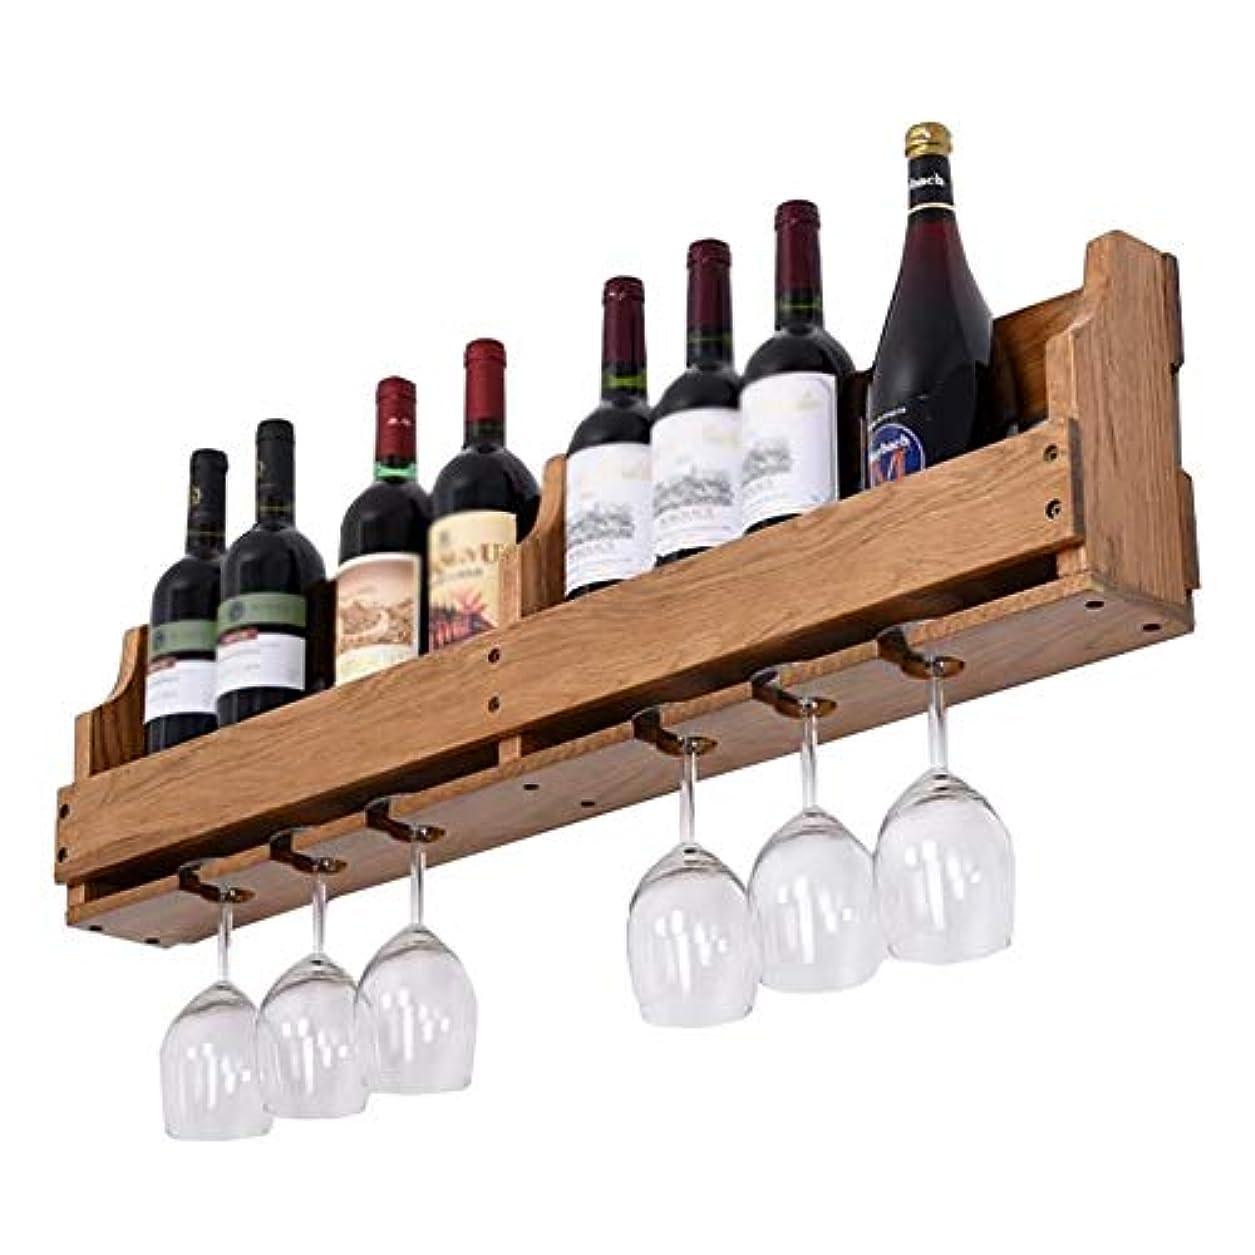 の頭の上情熱的認証YXX- 8本のびんおよび6つの脚付きグラスのガラスのための壁に取り付けられた木製のワインラック - 台所、食堂、棒、ワインセラーのために大きい (Color : Style-3)